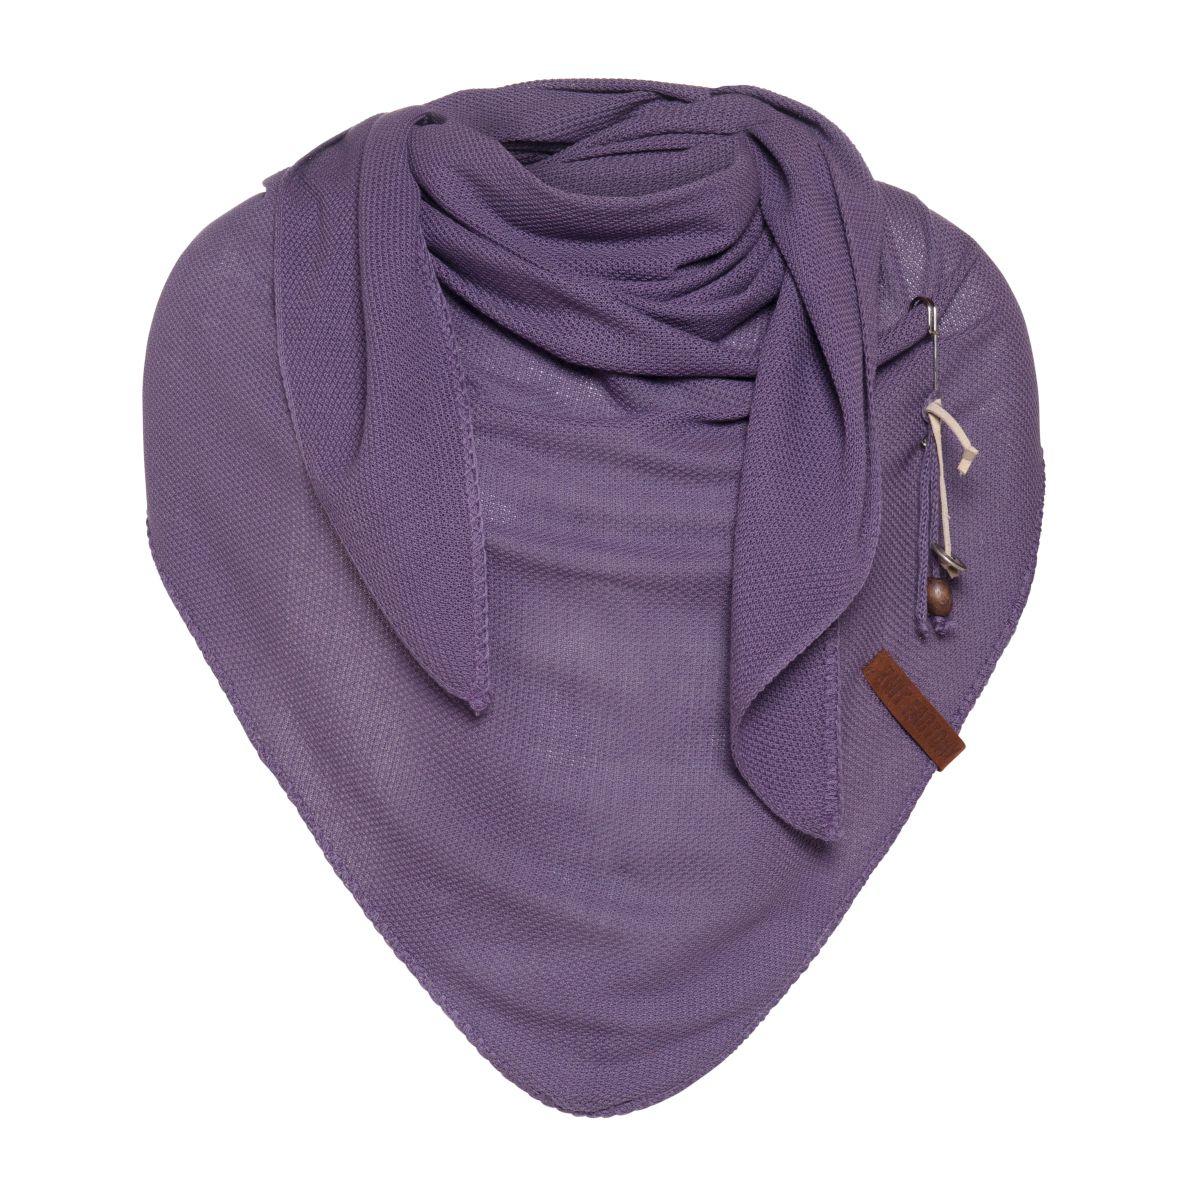 knit factory kf130060043 lola omslagdoek violet 1